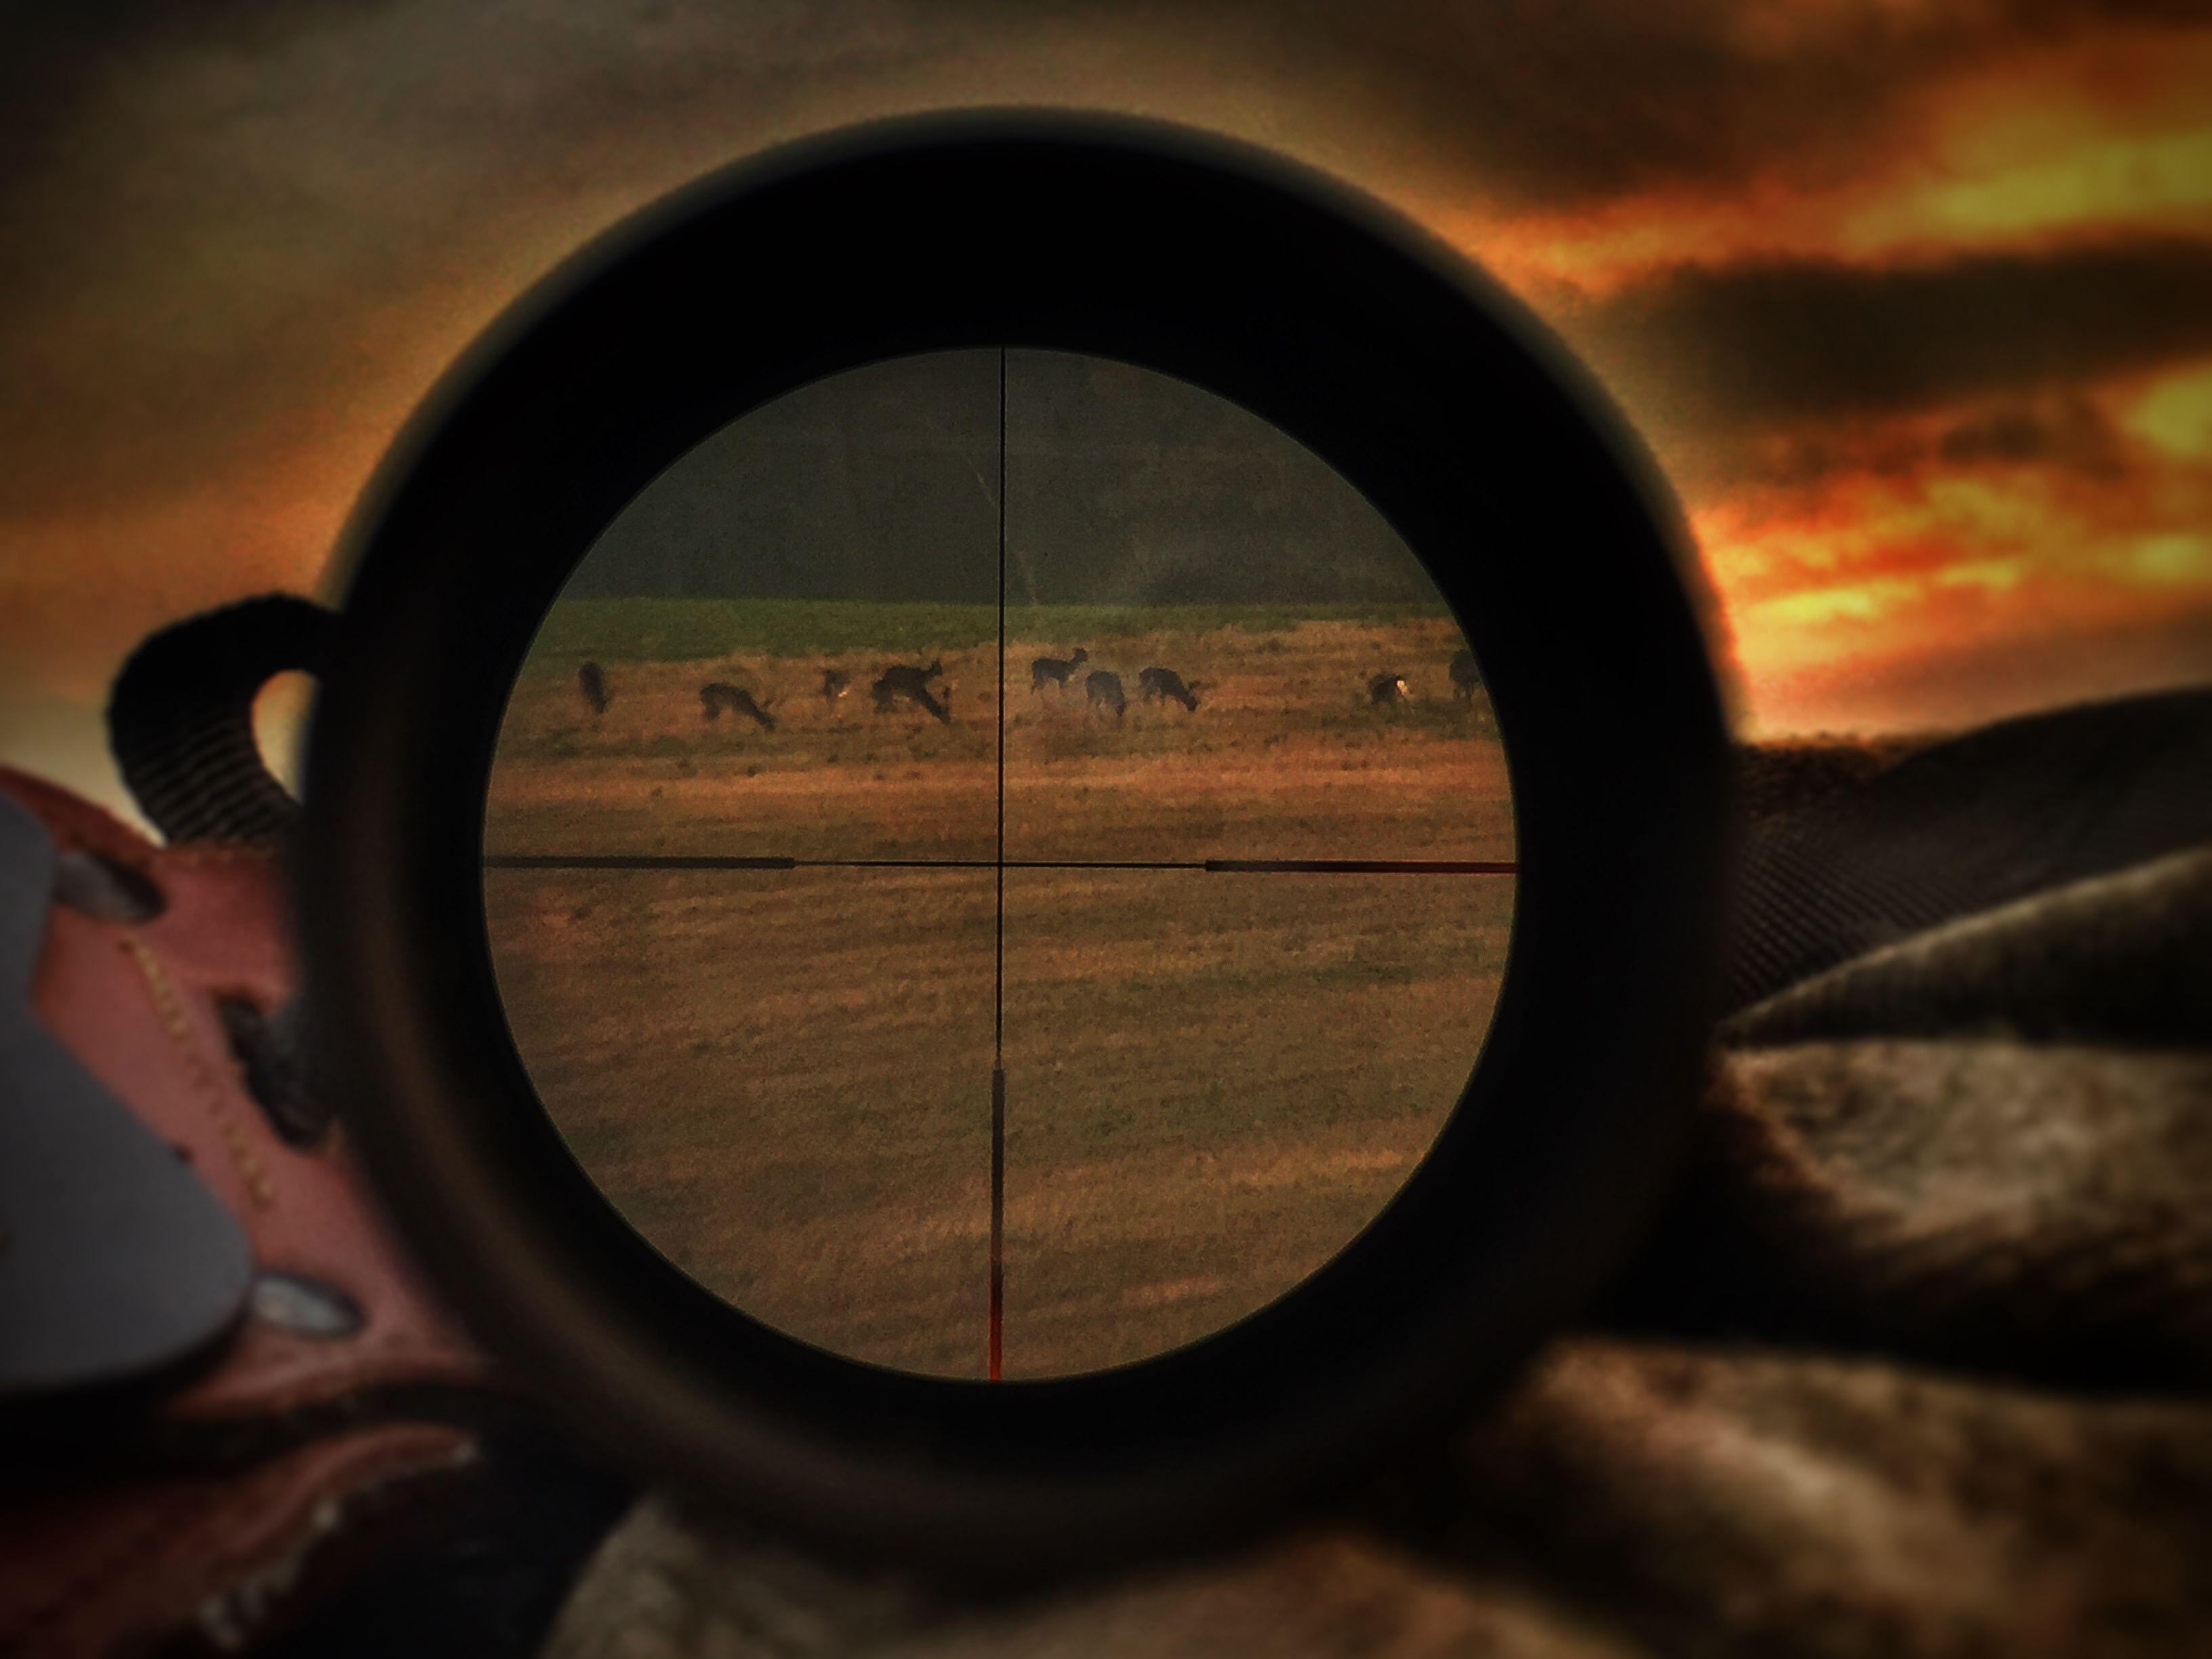 Entfernungsmesser jagd nacht monokulare nachtsicht